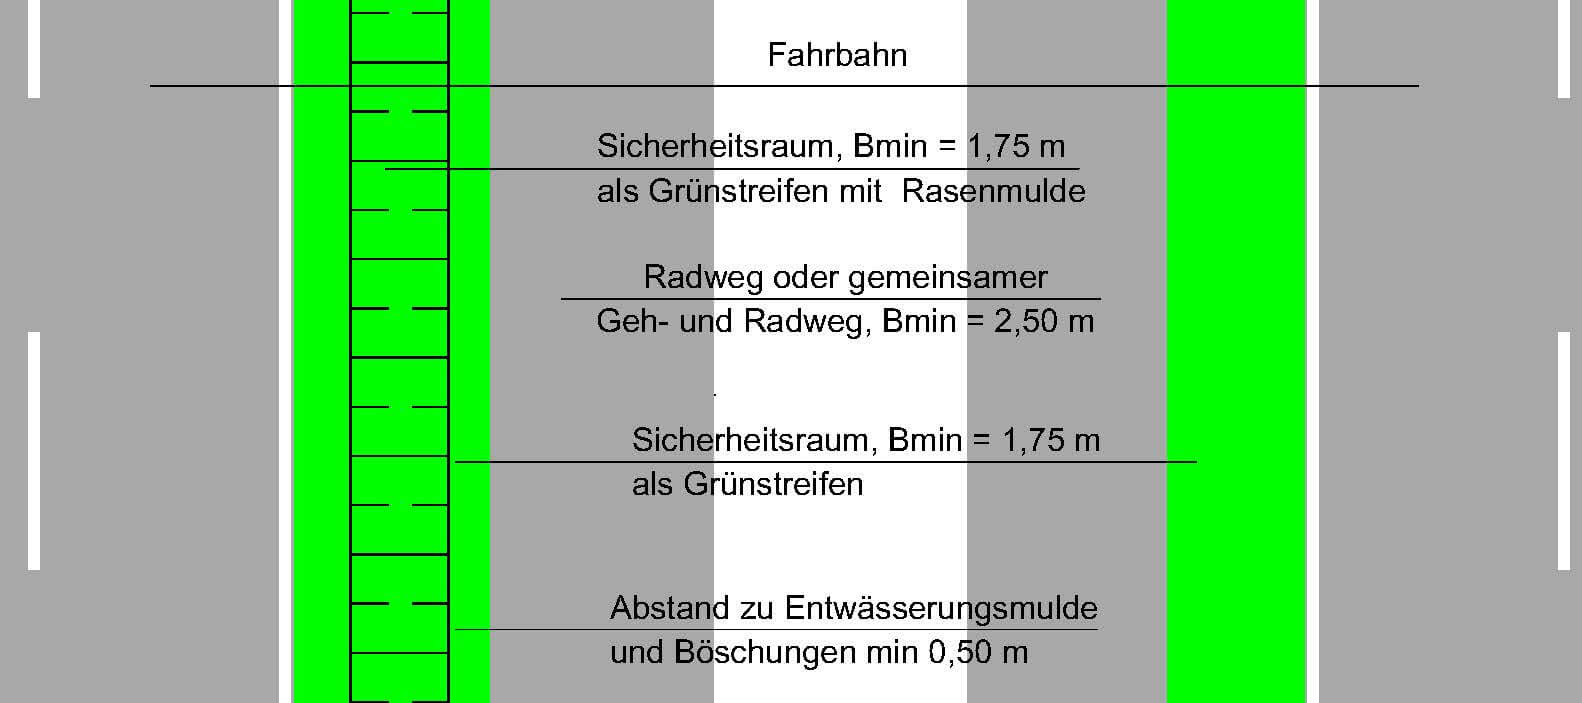 strssenbegleitender-Radweg-ausserorts-Forum-Verlag-Herkert-GmbH